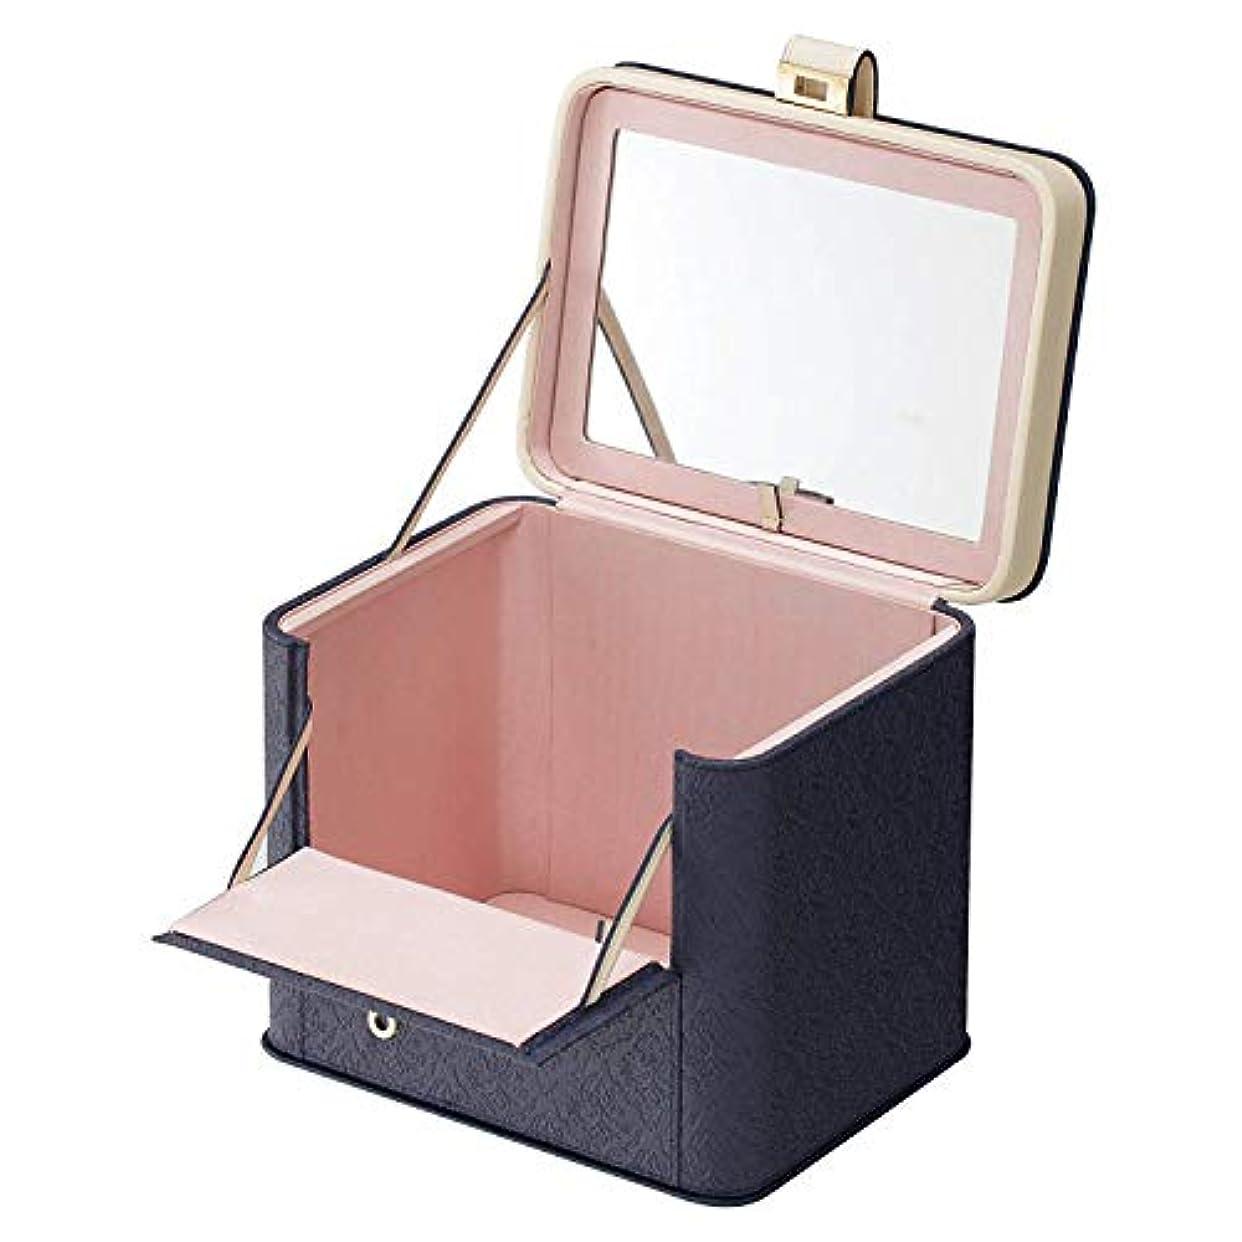 カッター無傷着陸カスタマイズでき メイクボックス アラベスク レギュ 化粧箱 ラー ロイヤルネイビー